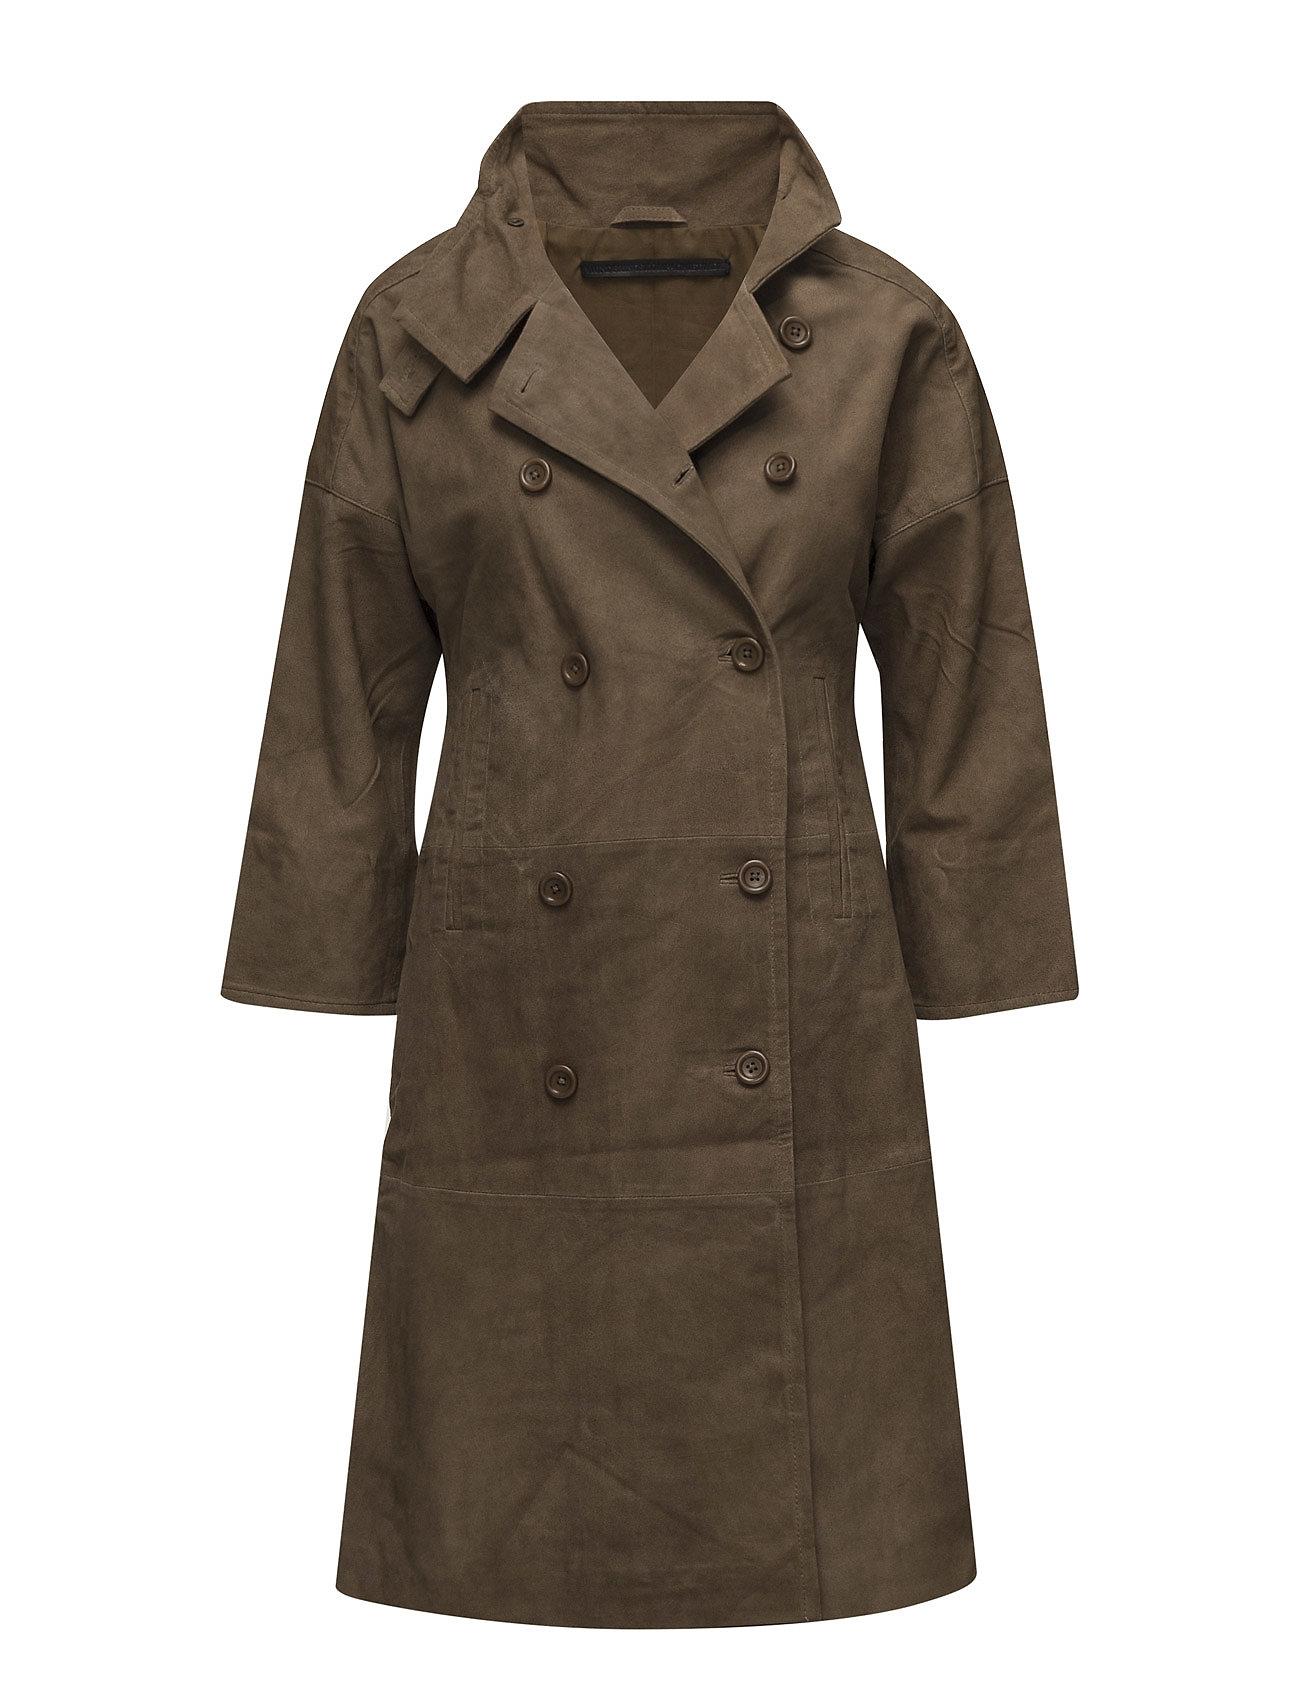 MDK / Munderingskompagniet Neptune goat suede jacket (dirty brown)